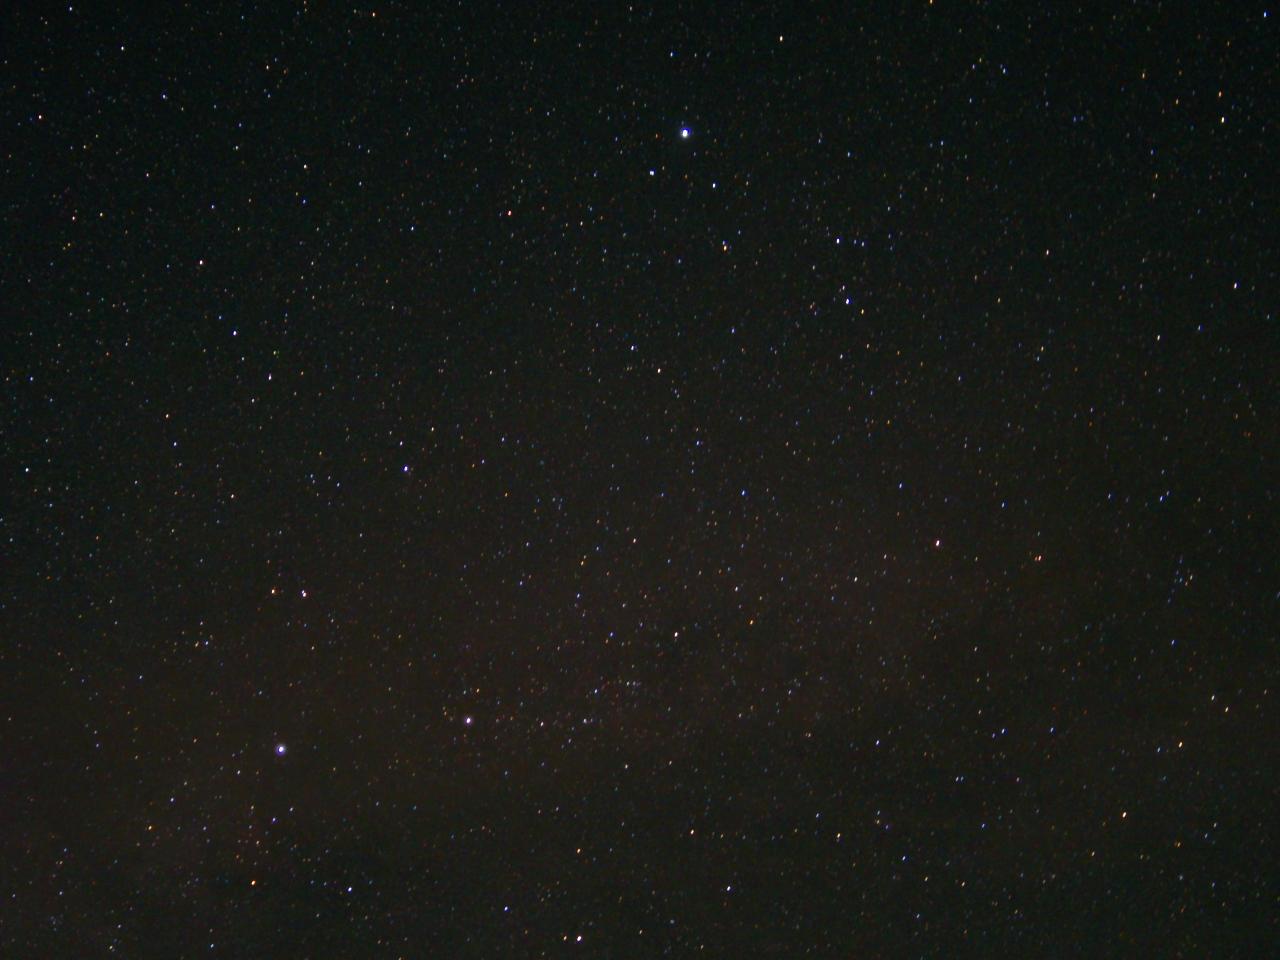 IMGP9701-1.jpg